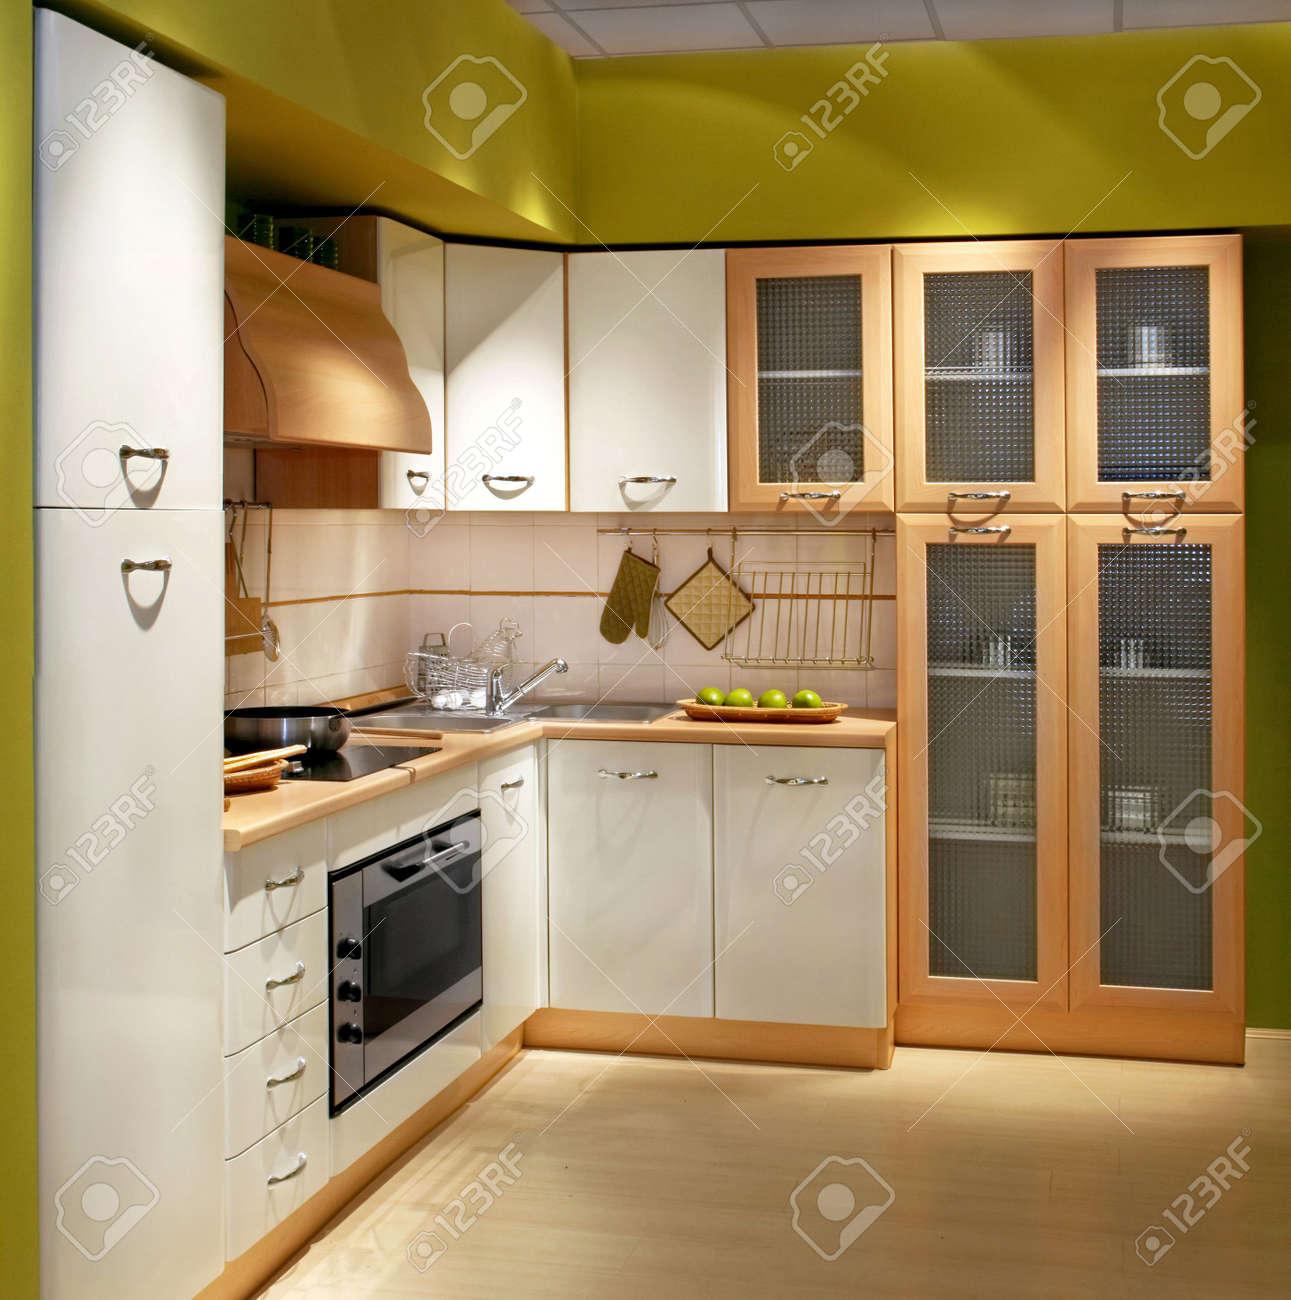 Cuisine moderne en bois avec une grande armoire banque d'images et ...